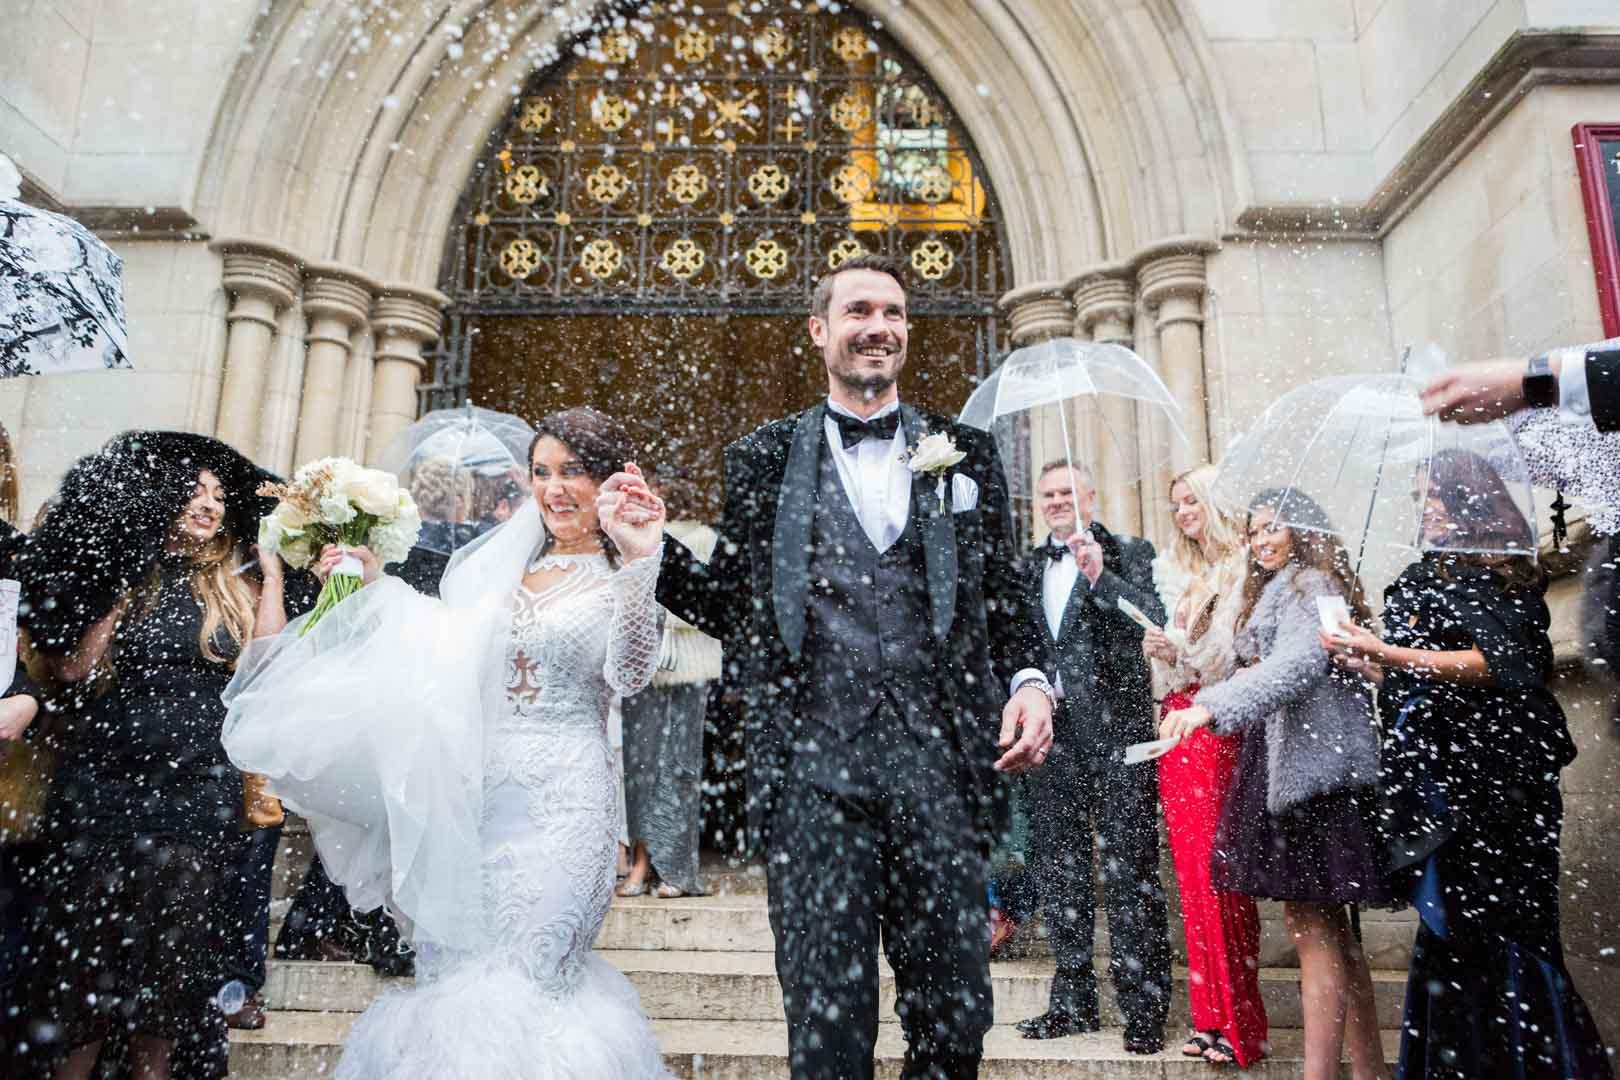 le couple sort de l'église sous les pétales de fleurs